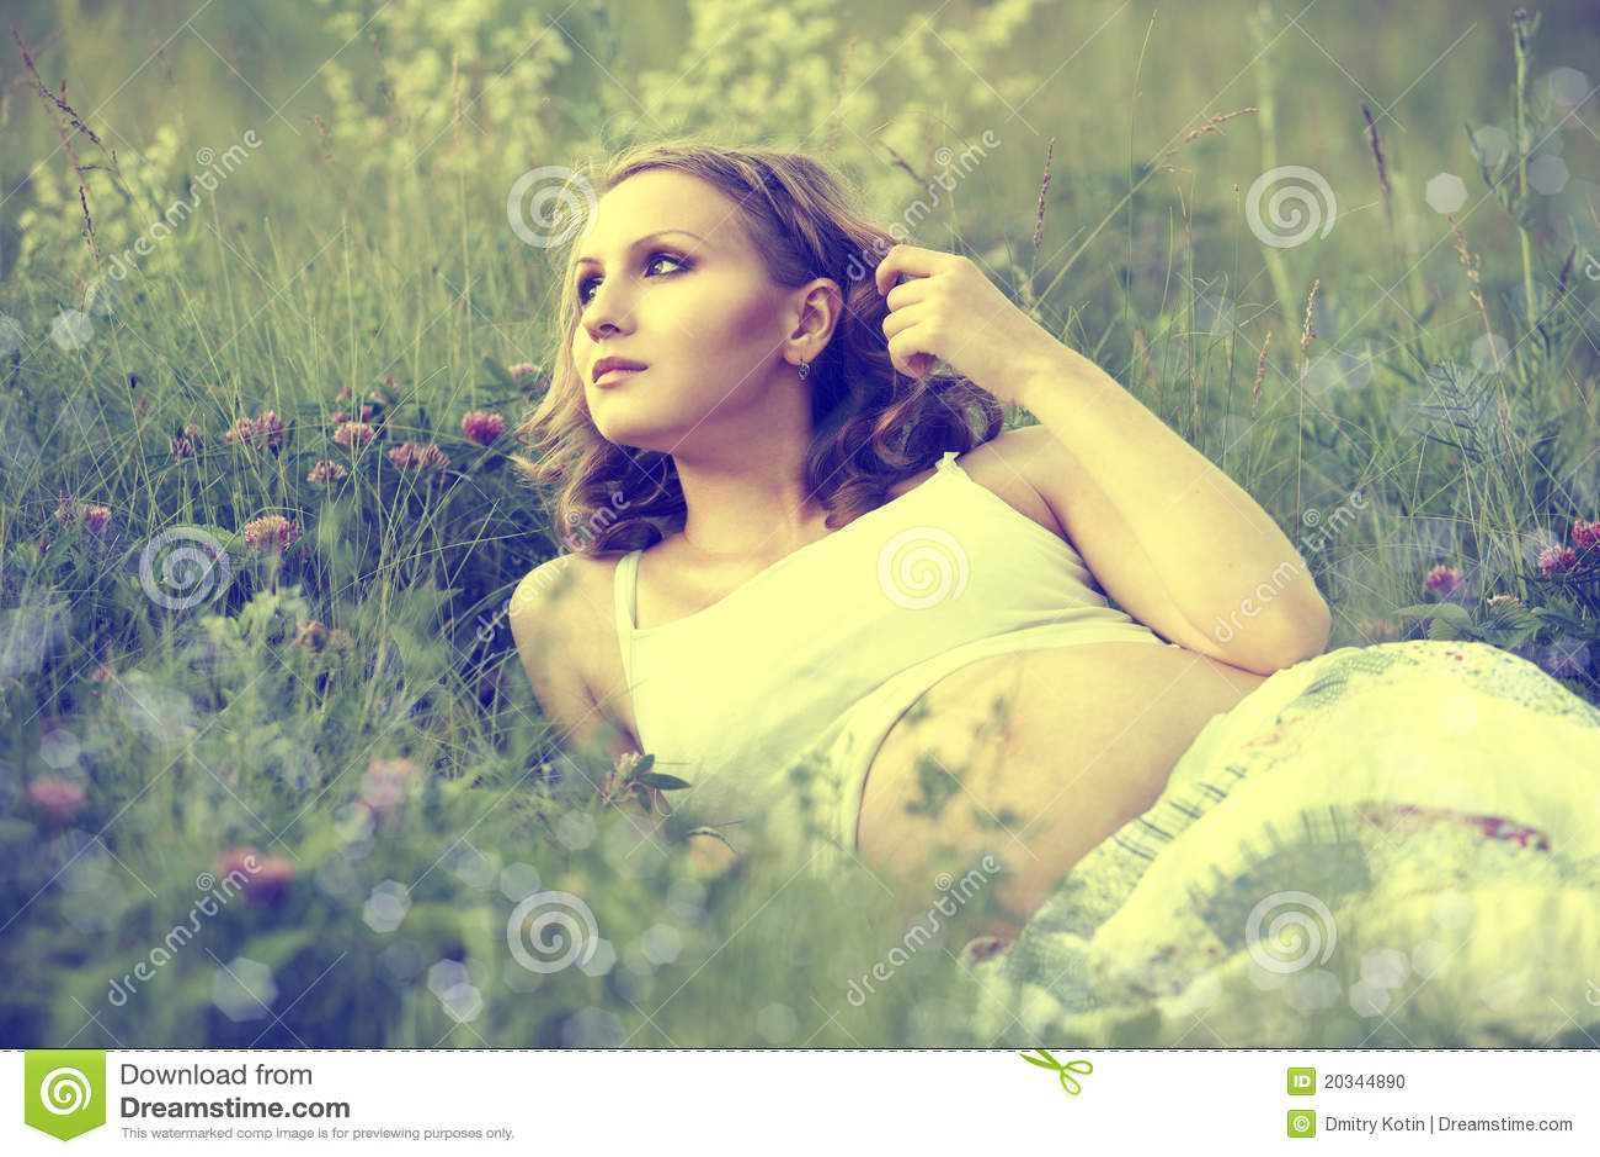 Фото секса девочка и мальчик 15 фотография